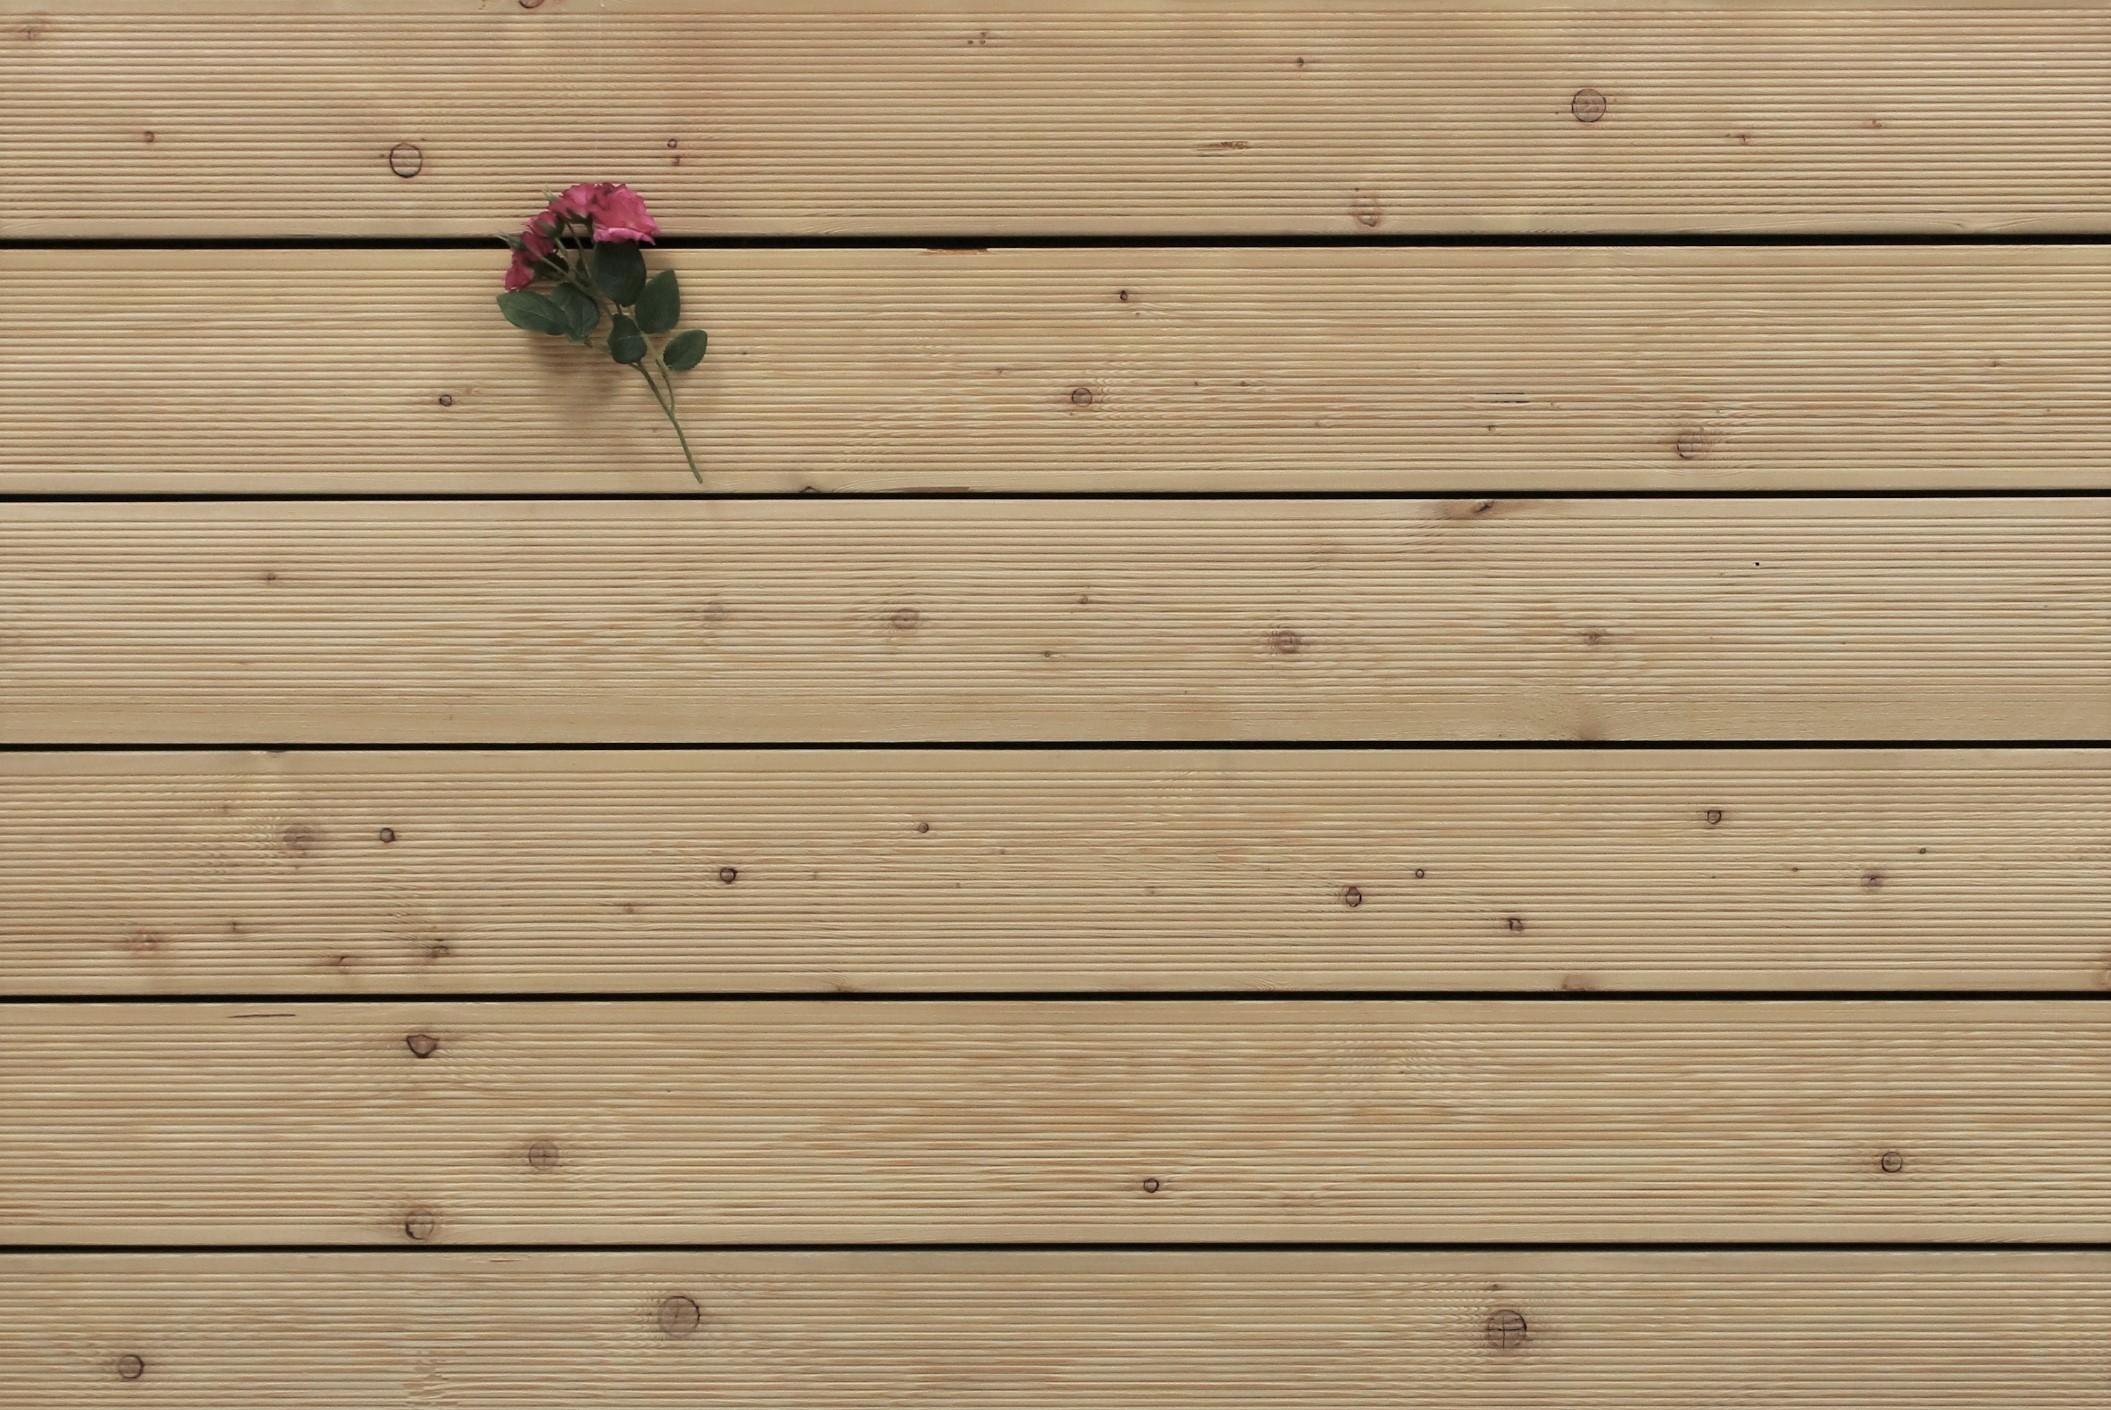 Holzterrasse Sibirische Lärche, fein gerillt, AB Sortierung, 26 x 143 bis 6000 mm Dielen, Holz Bretter für die Terrasse, 6,95 €/lfm